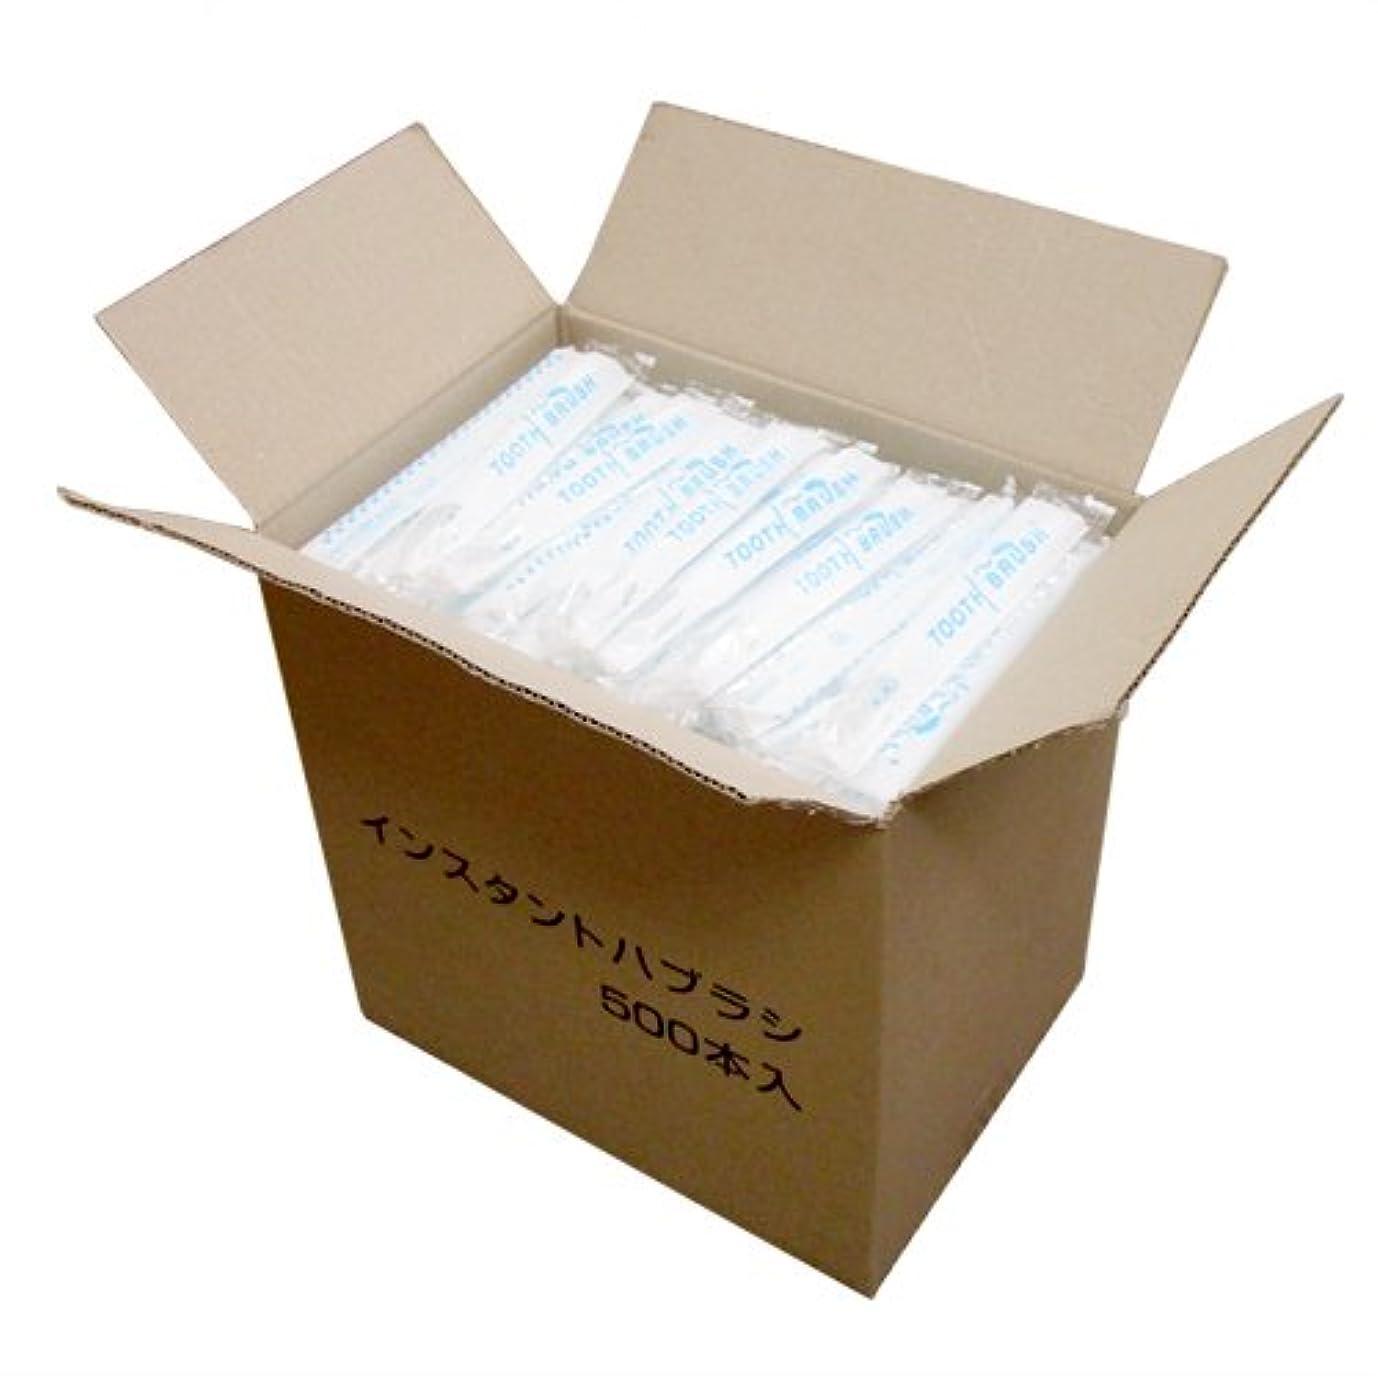 樫の木エレベーターと業務用 日本製 使い捨て粉付き歯ブラシ 個包装タイプ 500本入×8箱 (4000本入)│ホテルアメニティ